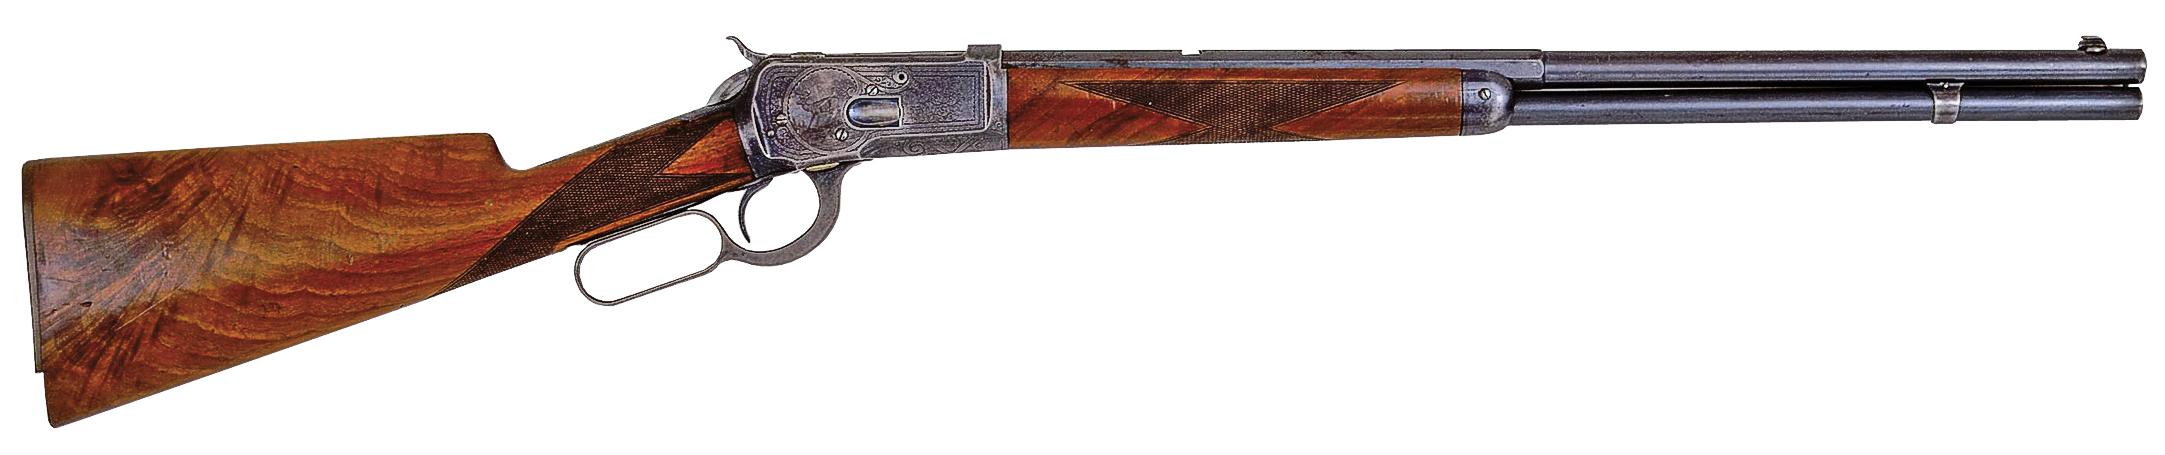 SF_4-GUN-FOUR-Annie-Oakley-Win-Mod-921.69